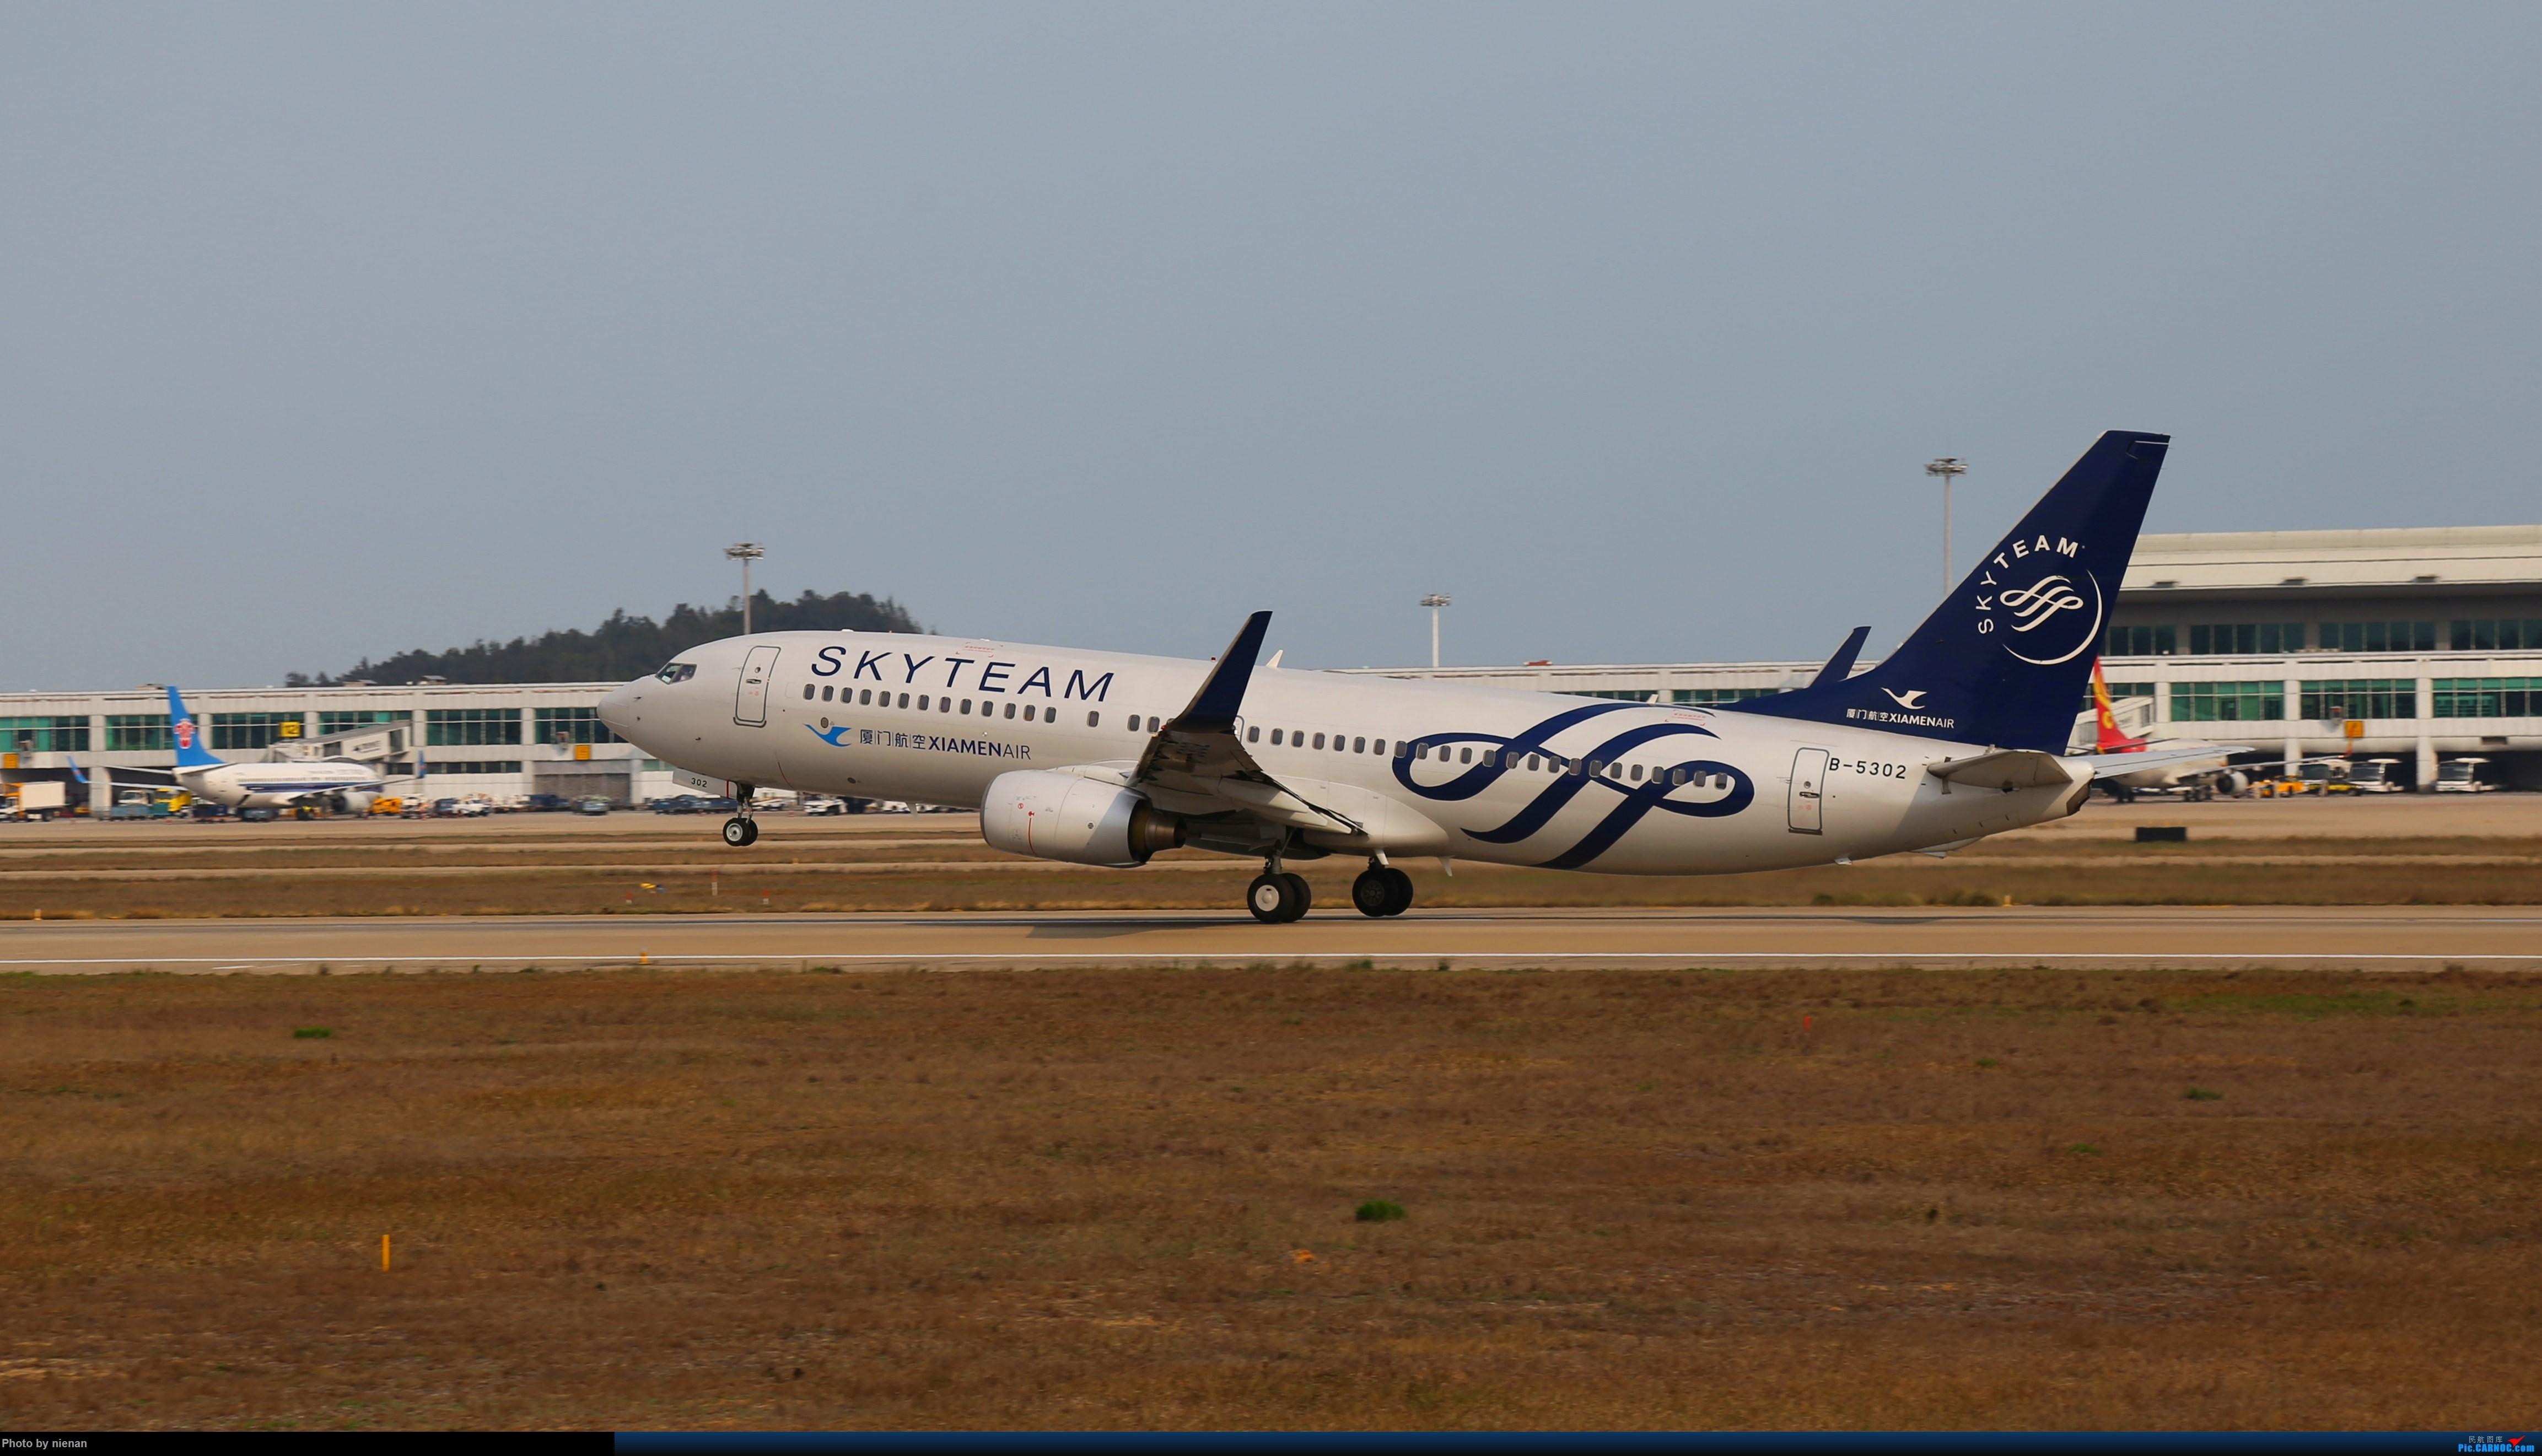 Re:[原创]好久不见 发点冷饭贴 BOEING 737-800 B-5302 中国福州长乐国际机场